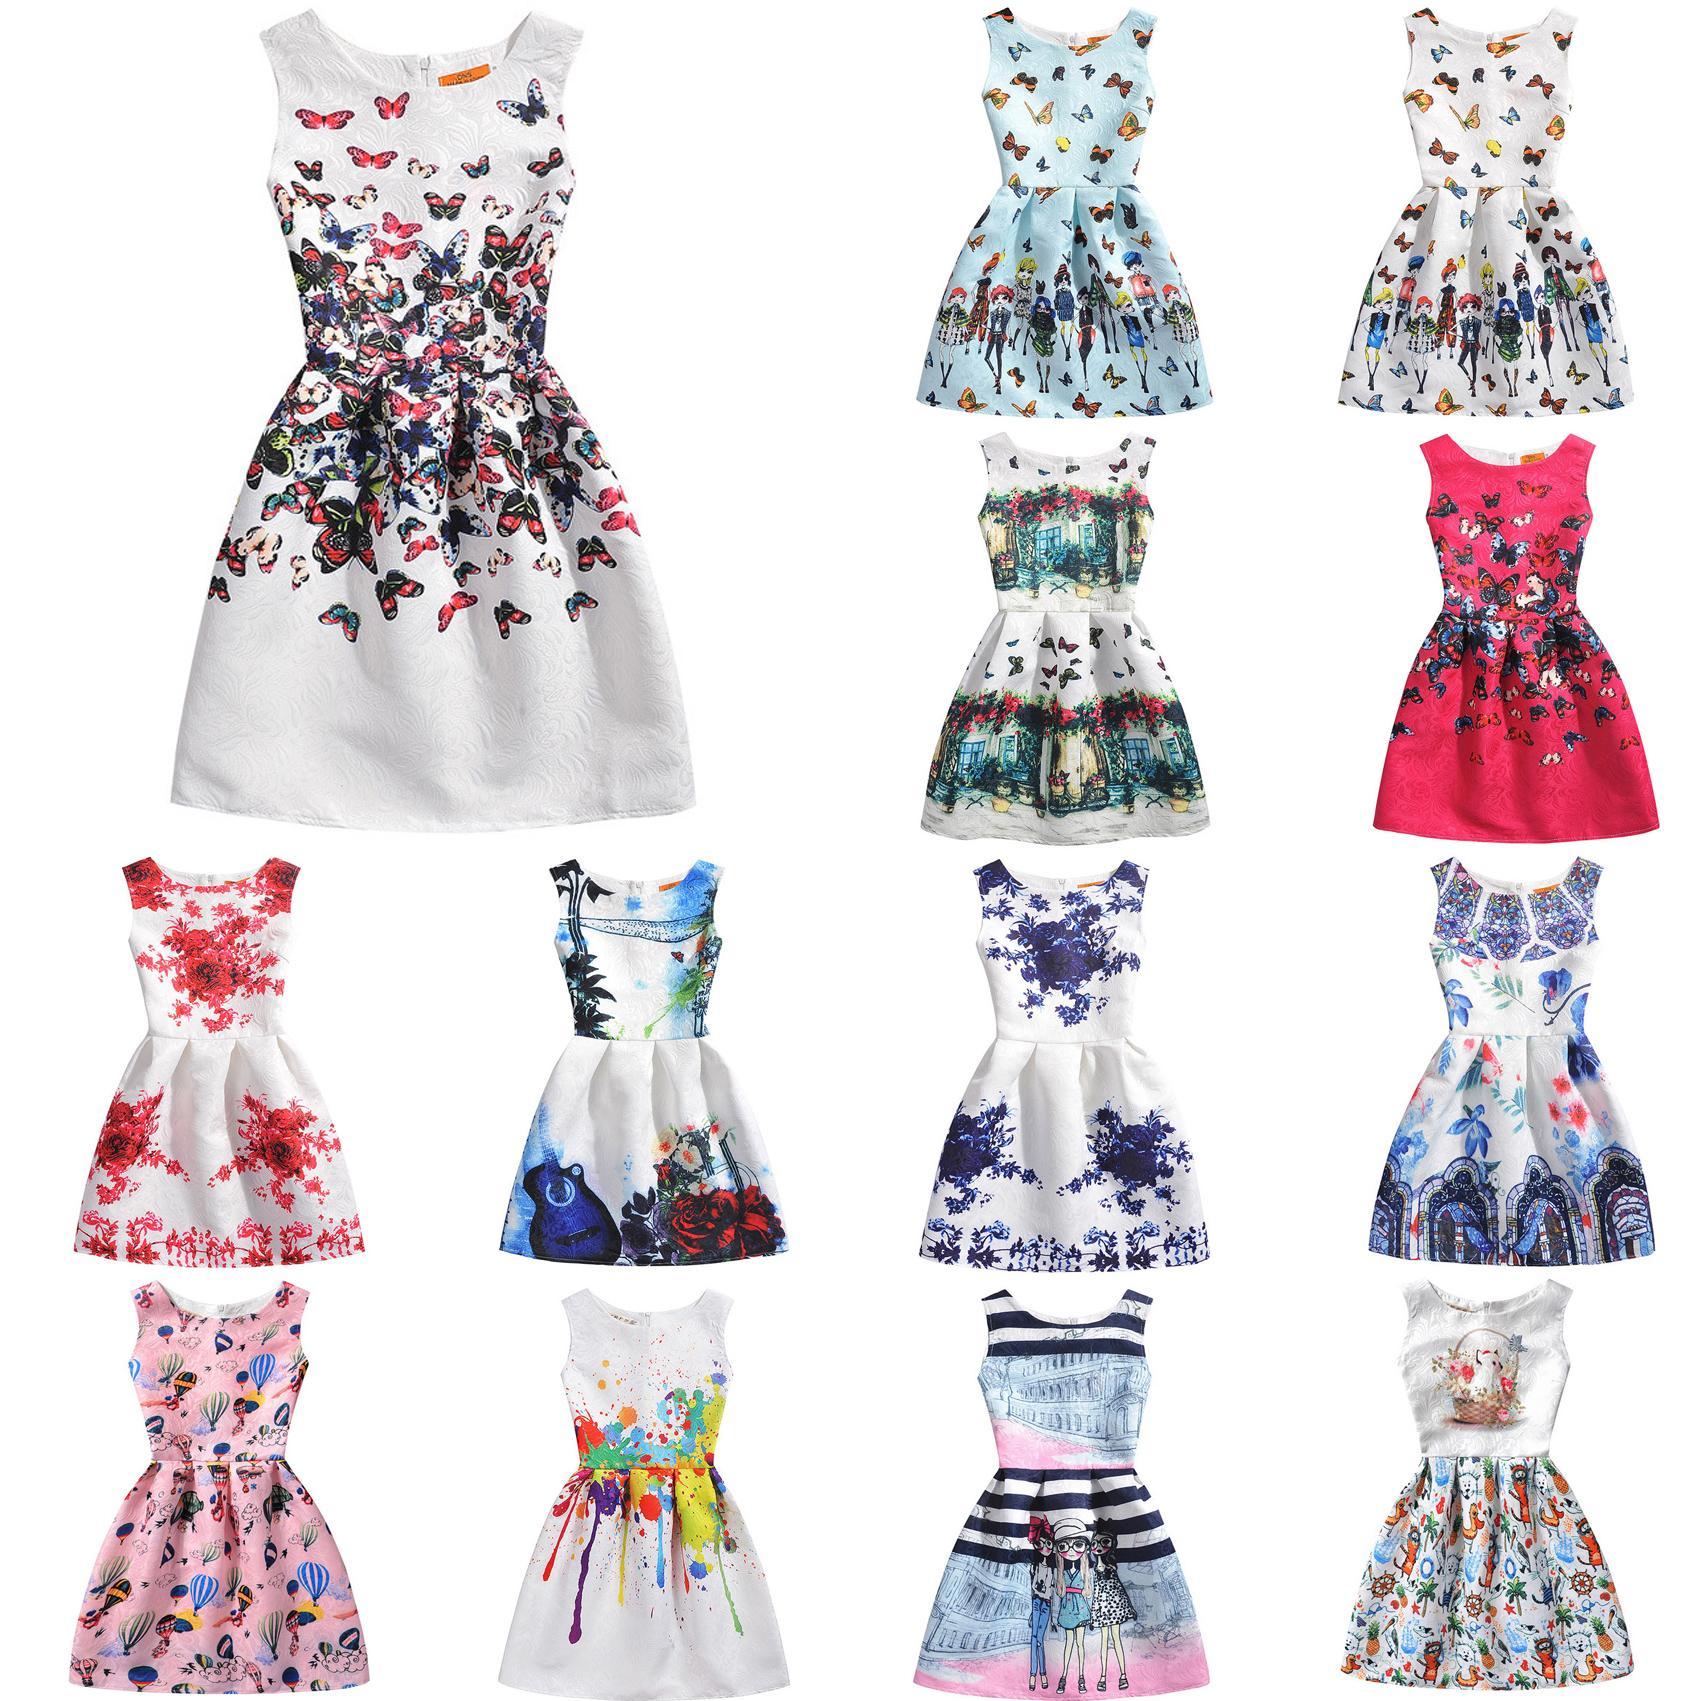 Kolsuz Diz Boyu Elbiseler Kore Tarzı Genç Kız Moda Örgün Parti Çiçek Yaz Elbise 16122101